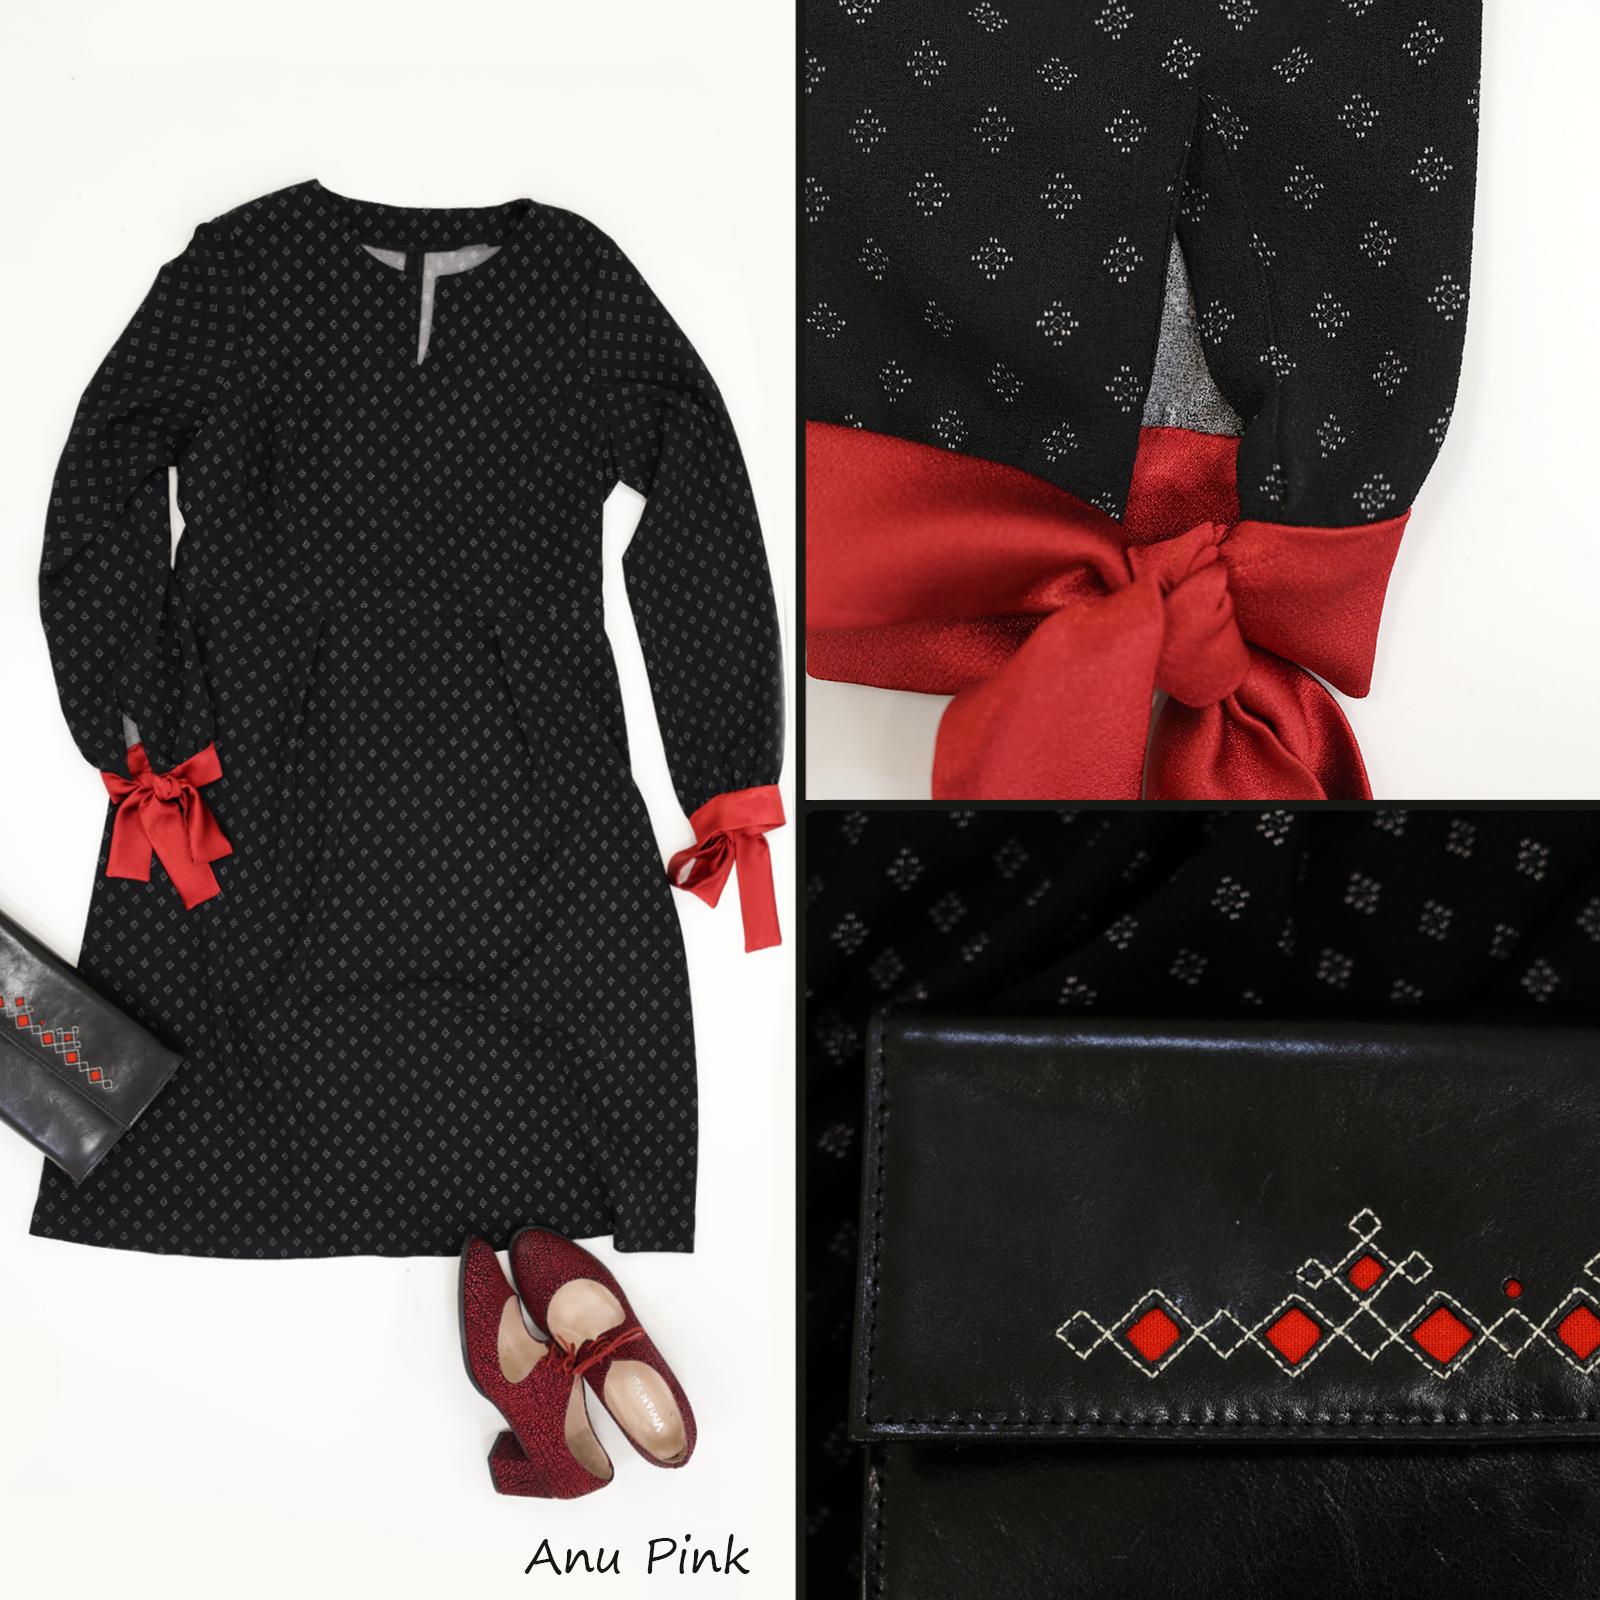 c29ebf67ef8 Liiga väike must kleit: põhilõige Burdast (muudatustega), Punasetäpilised  kingad Vivian Vau, Teatrikotike